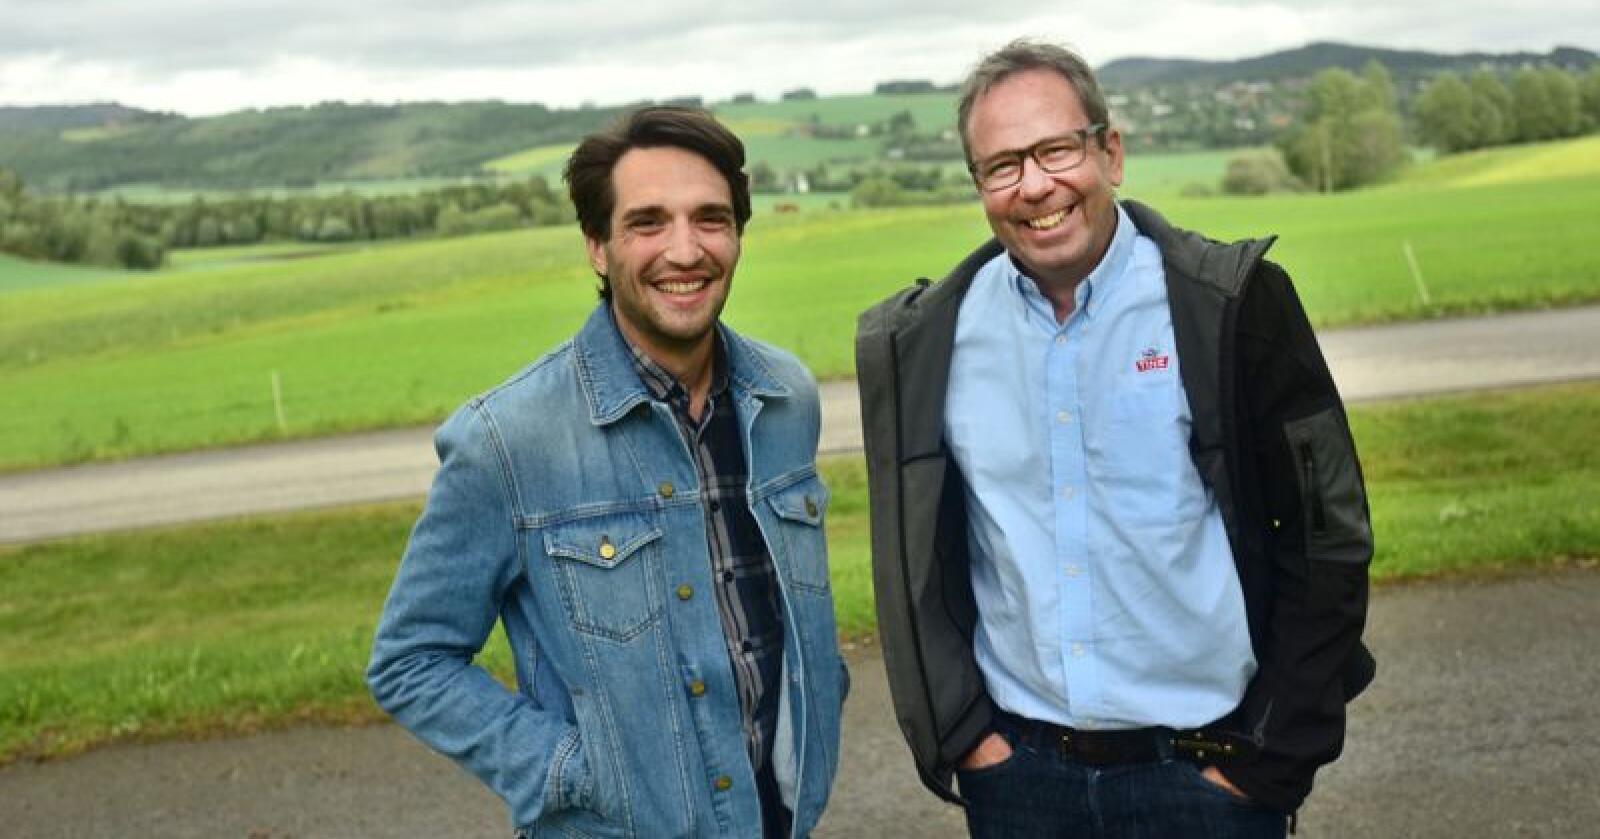 Michael Fridman i Infuture (til venstre) og Tilmann Hettasch i Tine sier det ligger enorme verdier i dataene som produseres i landbruket. Foto: Håvard Zeiner